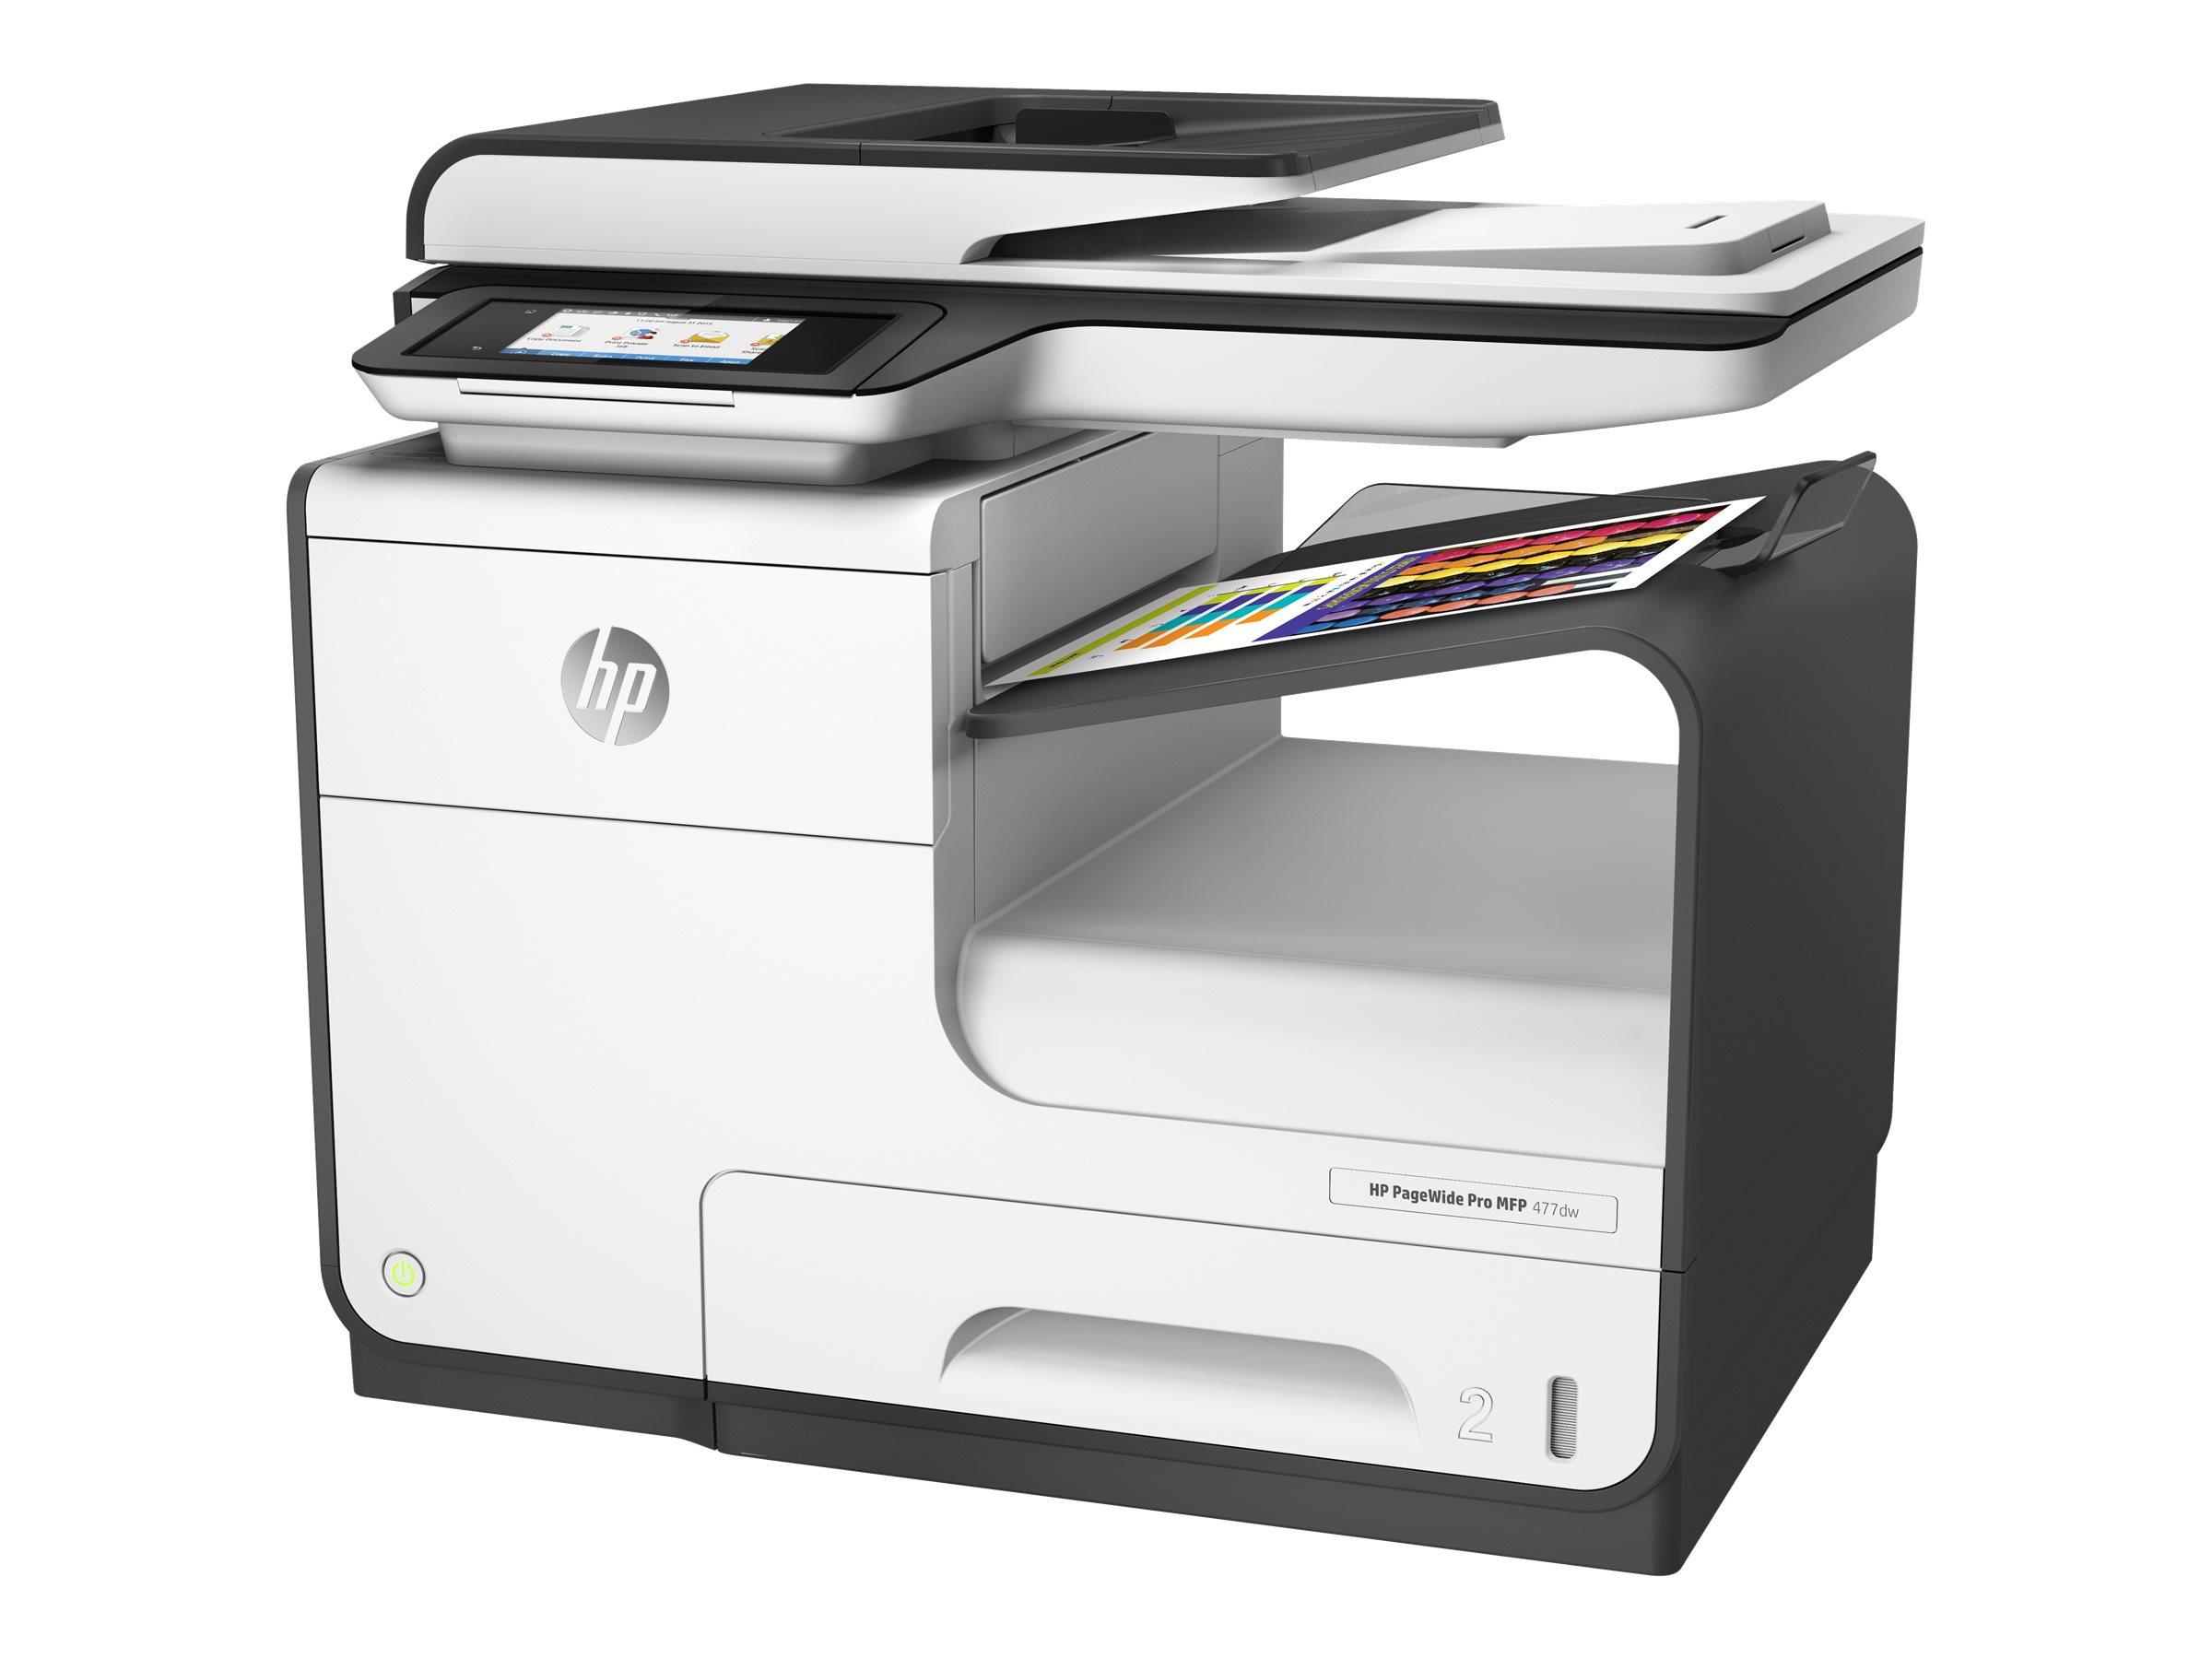 HP PageWide Pro 477dw - Multifunktionsdrucker - Farbe - seitenbreite Palette - Legal (216 x 356 mm)